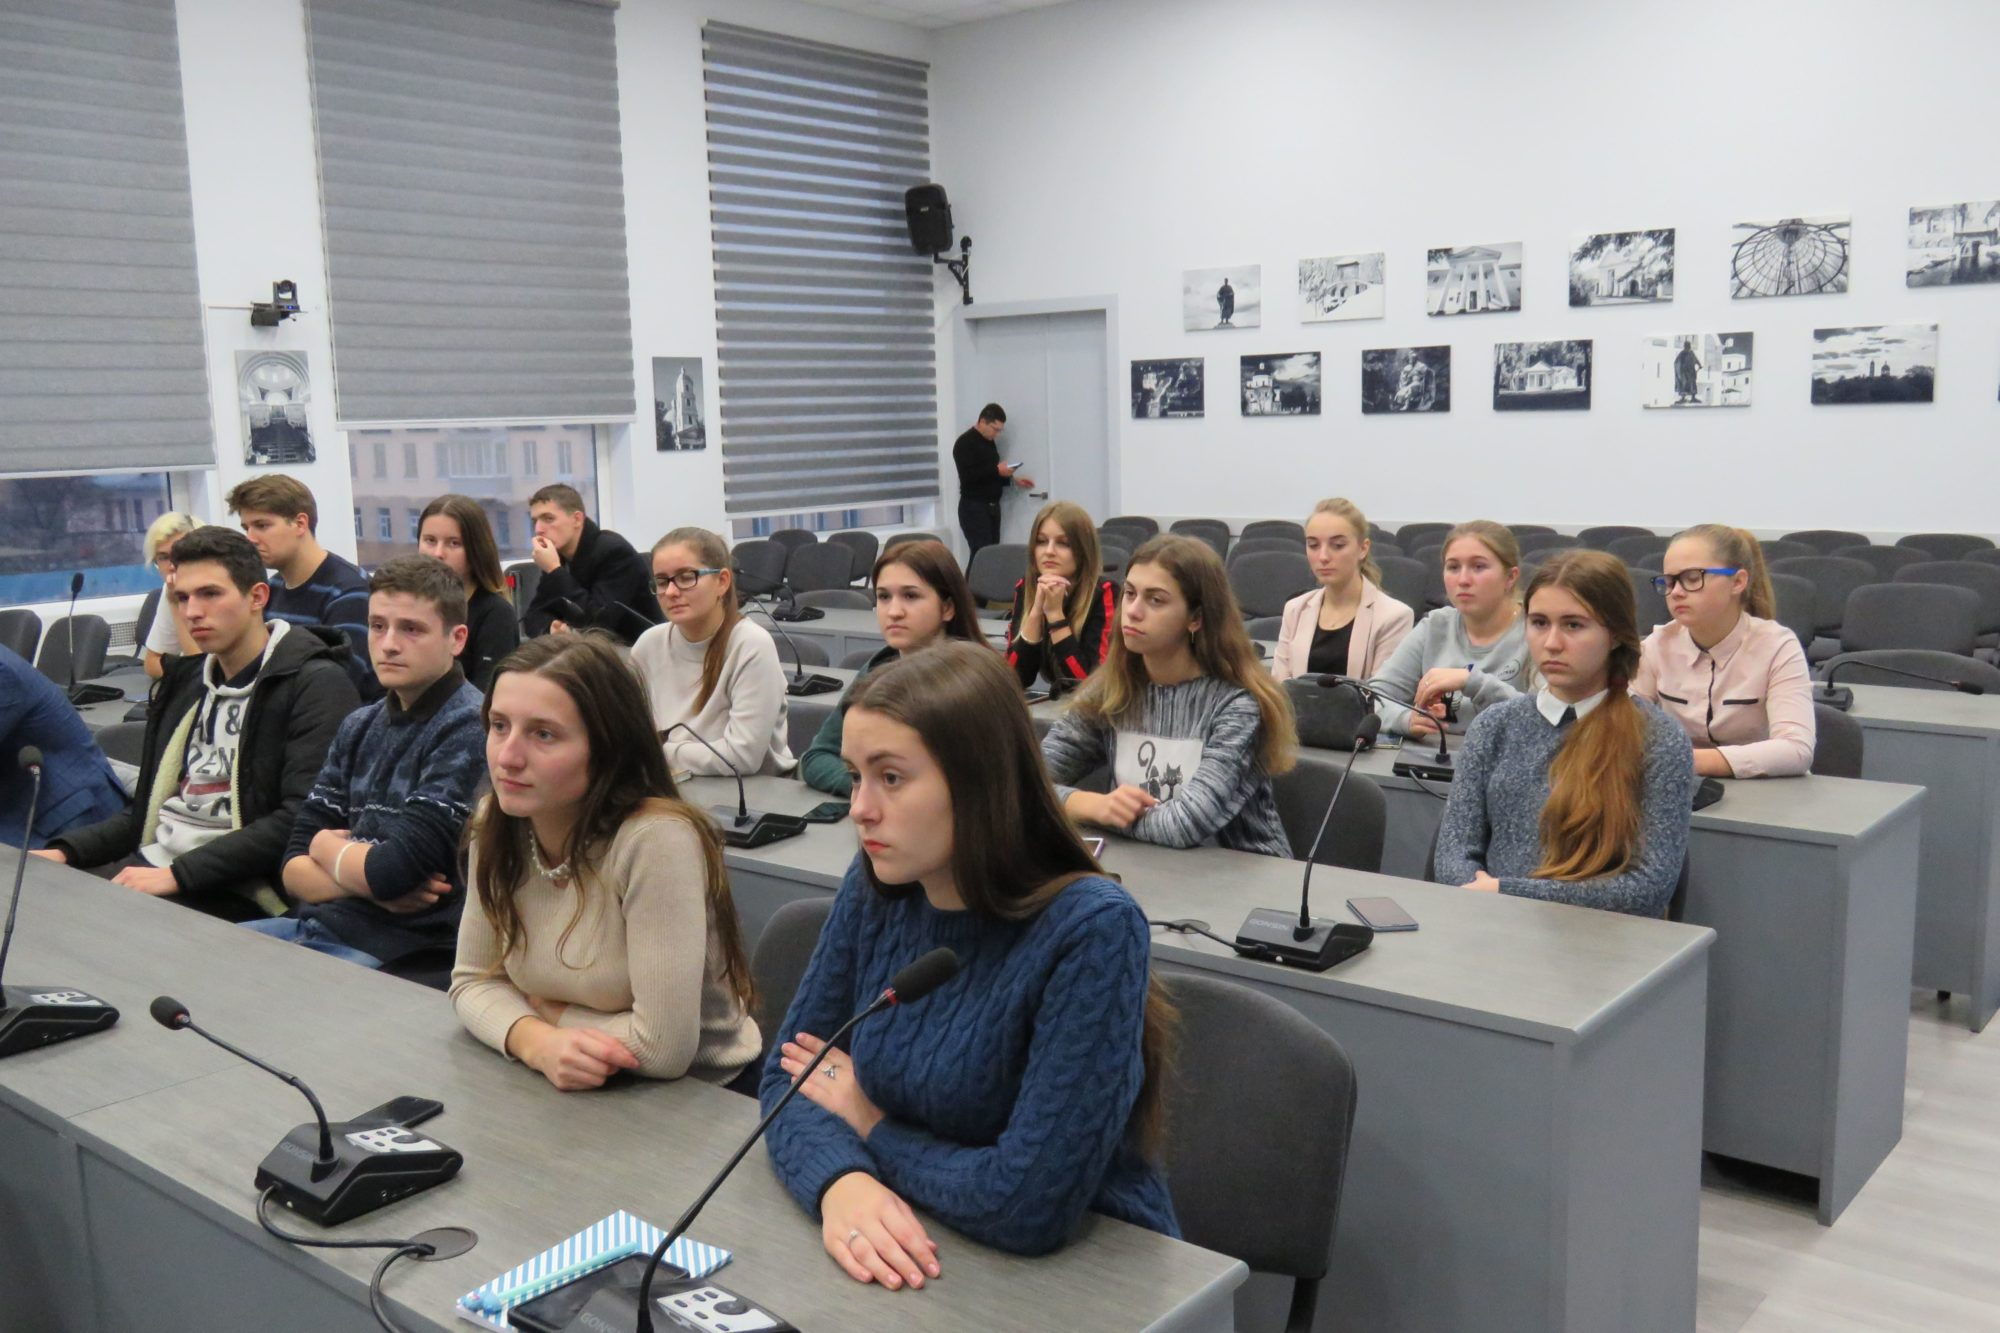 Білоцерківська молодь стажується у міськраді - стажування, Біла Церква - imgbig 9 2000x1333